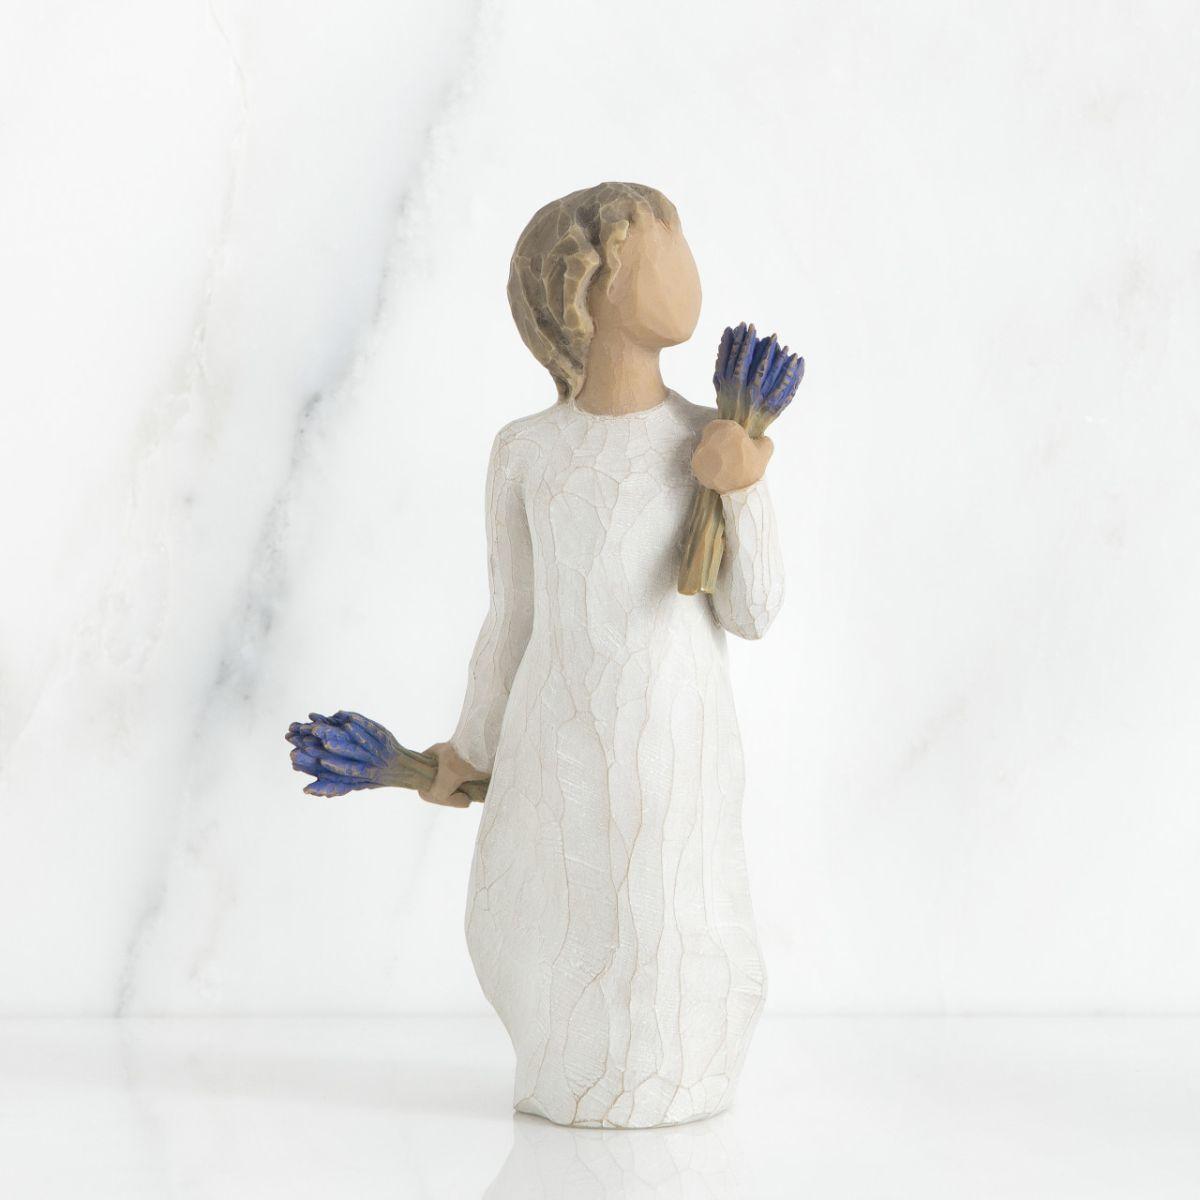 ウィローツリー彫像 【Lavender Grace】 - ラベンダーの恵み